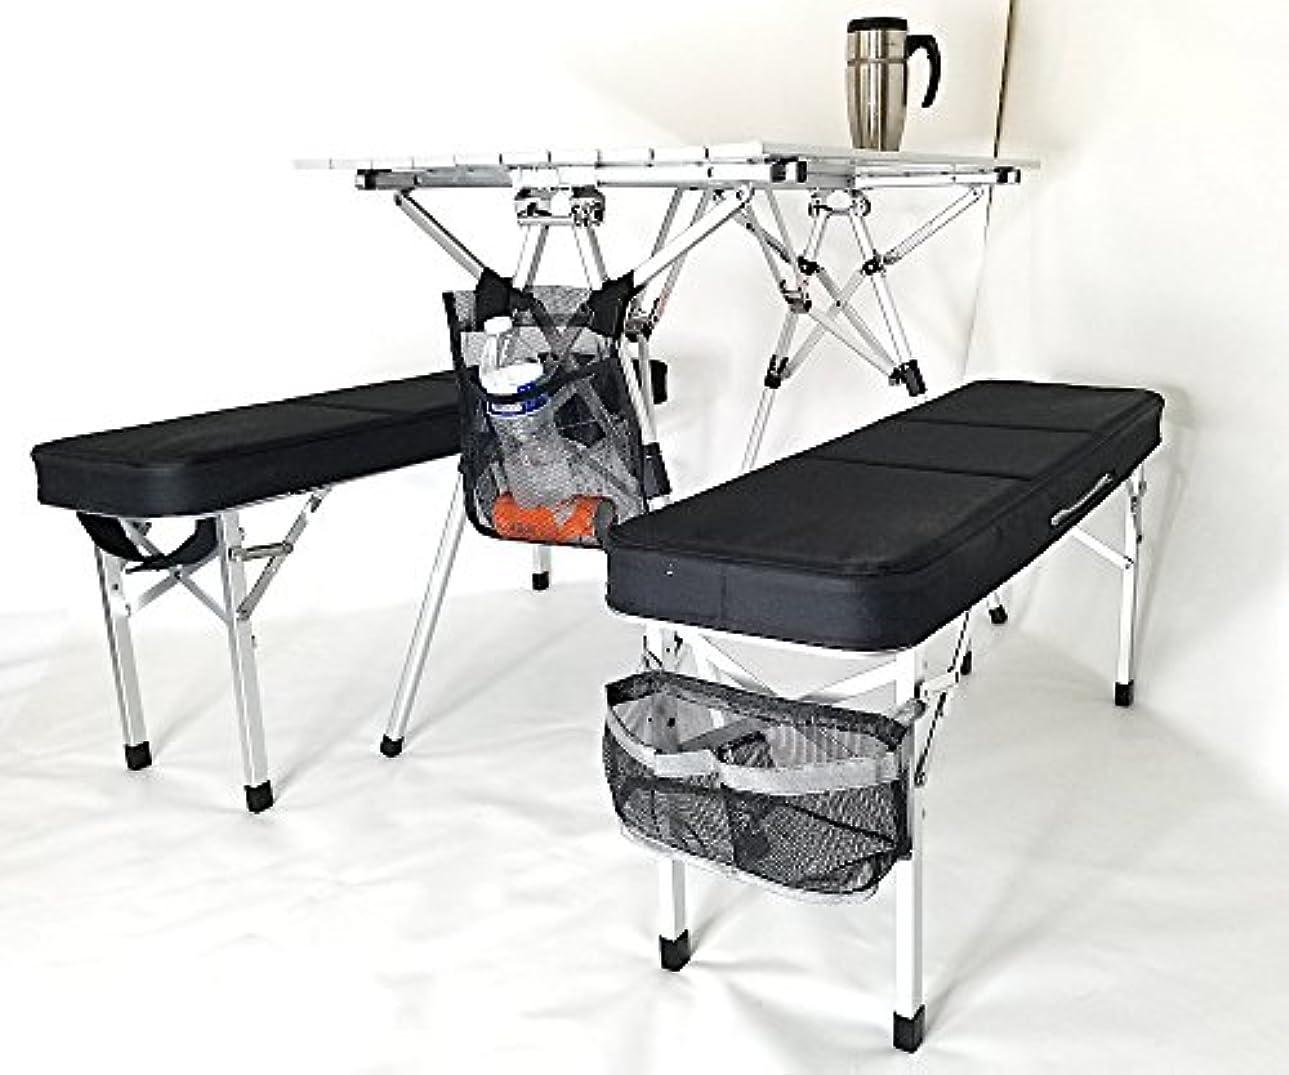 延期する寸法粗いOasis RAPTOR II デラックスコンパクトテーブル&ベンチセット 高耐久スタイル ユニーク軽量スーツケーススタイル ミリタリーグレード